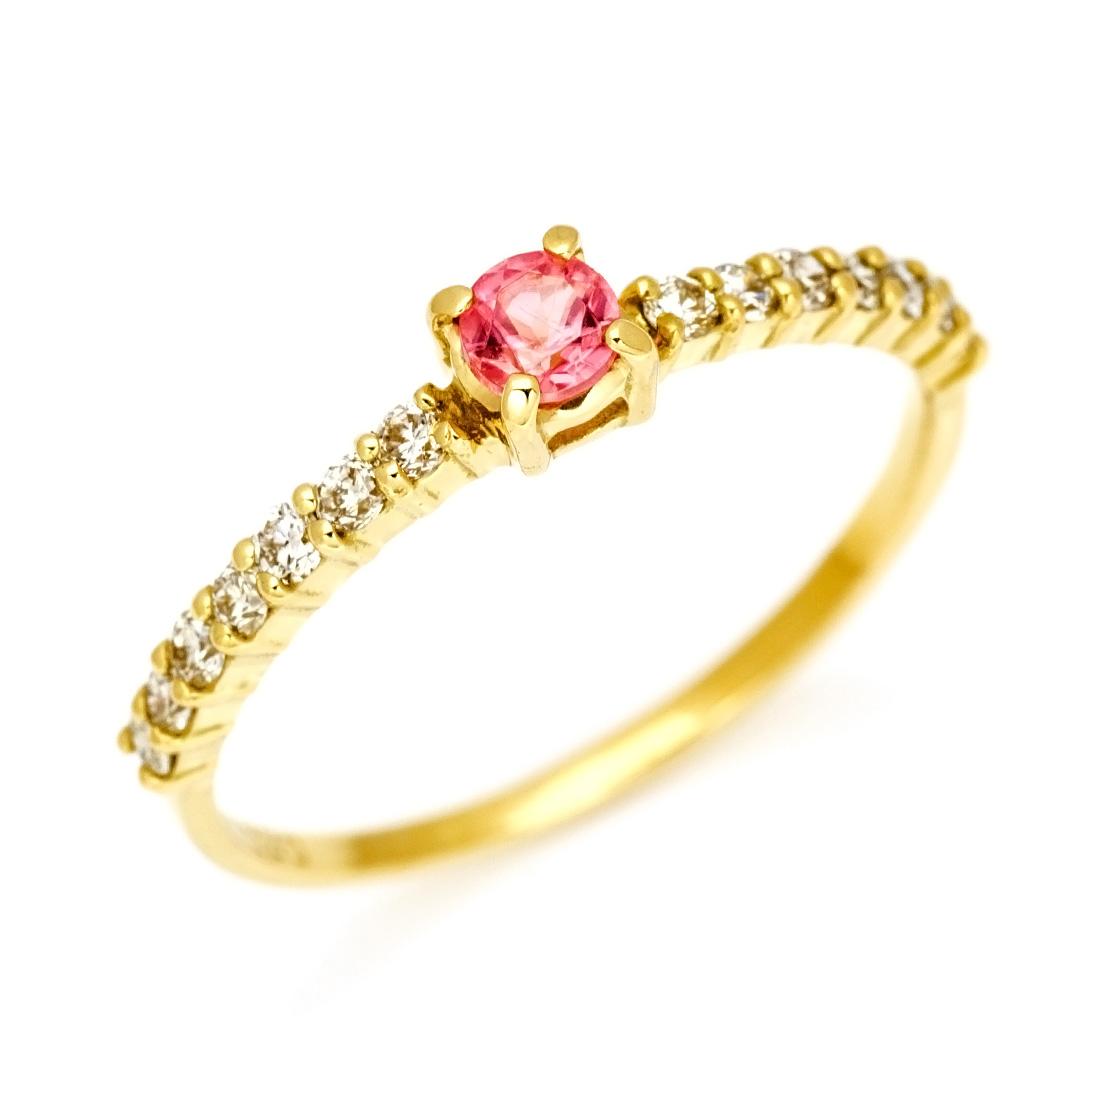 【GWクーポン配布中】リング ロードクロサイト ダイヤモンド 「fine」 ゴールド K18 送料無料